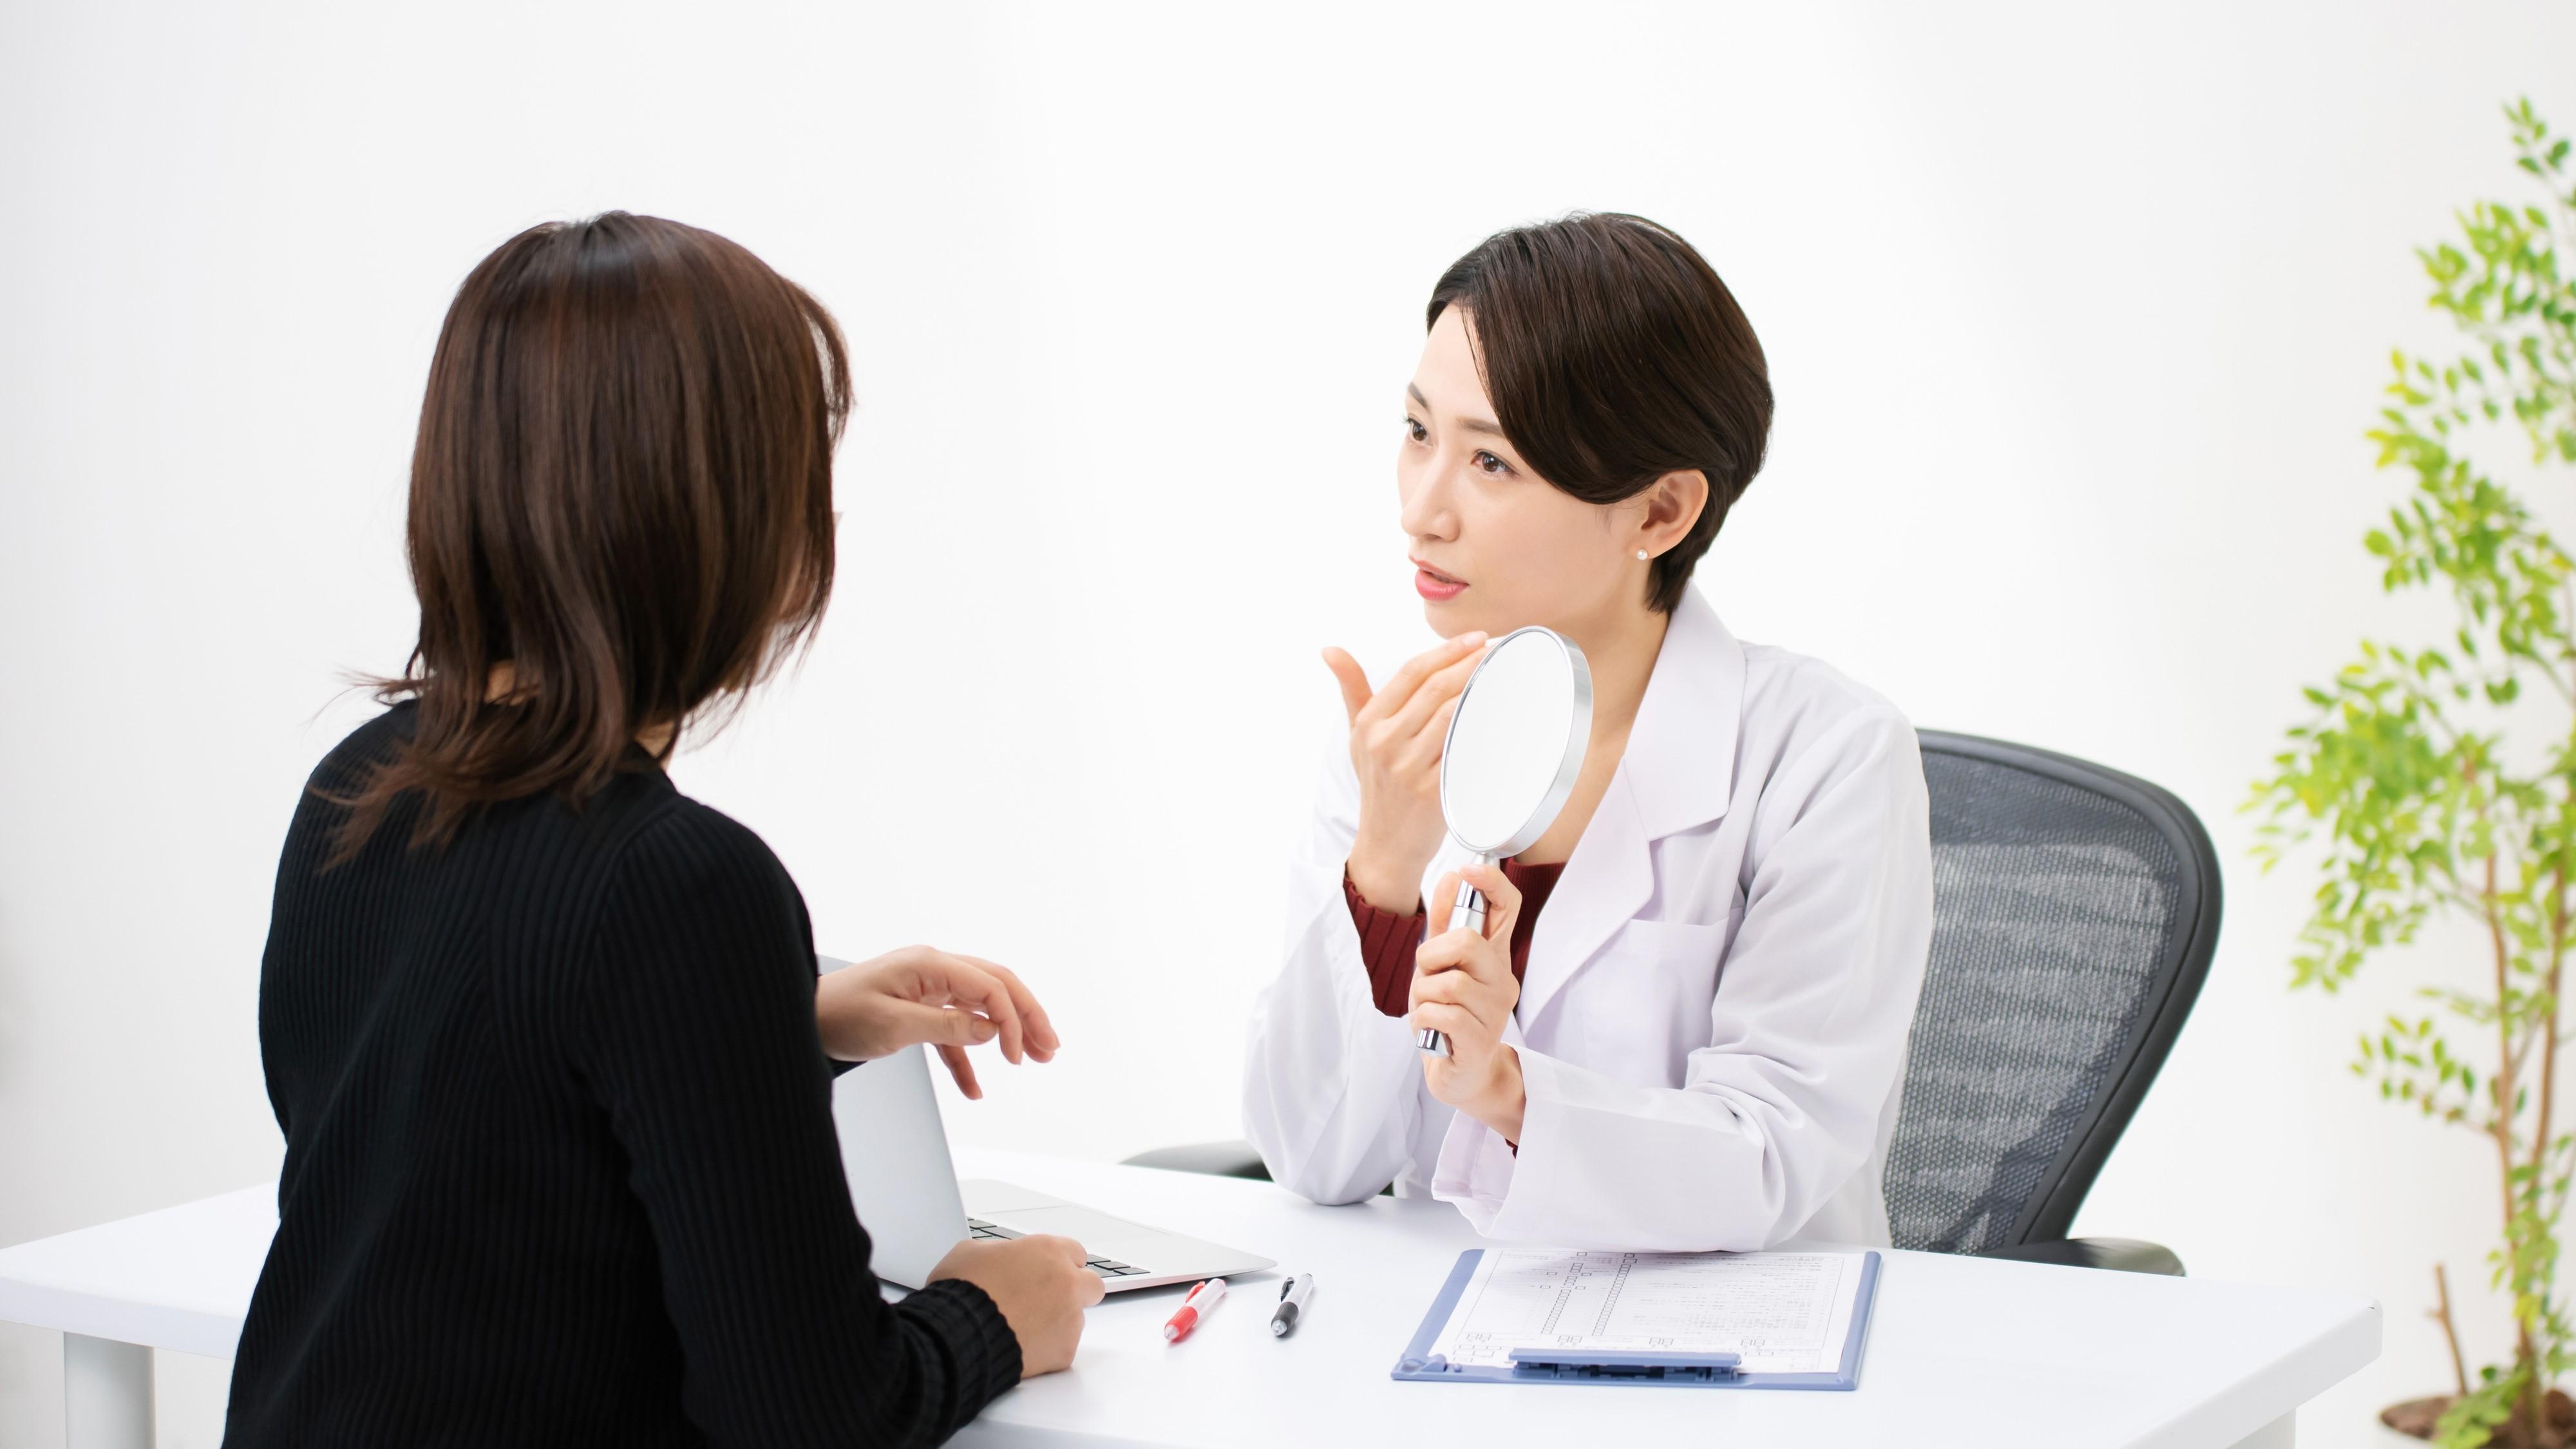 美容医療に進むために、専門医であることは必須?